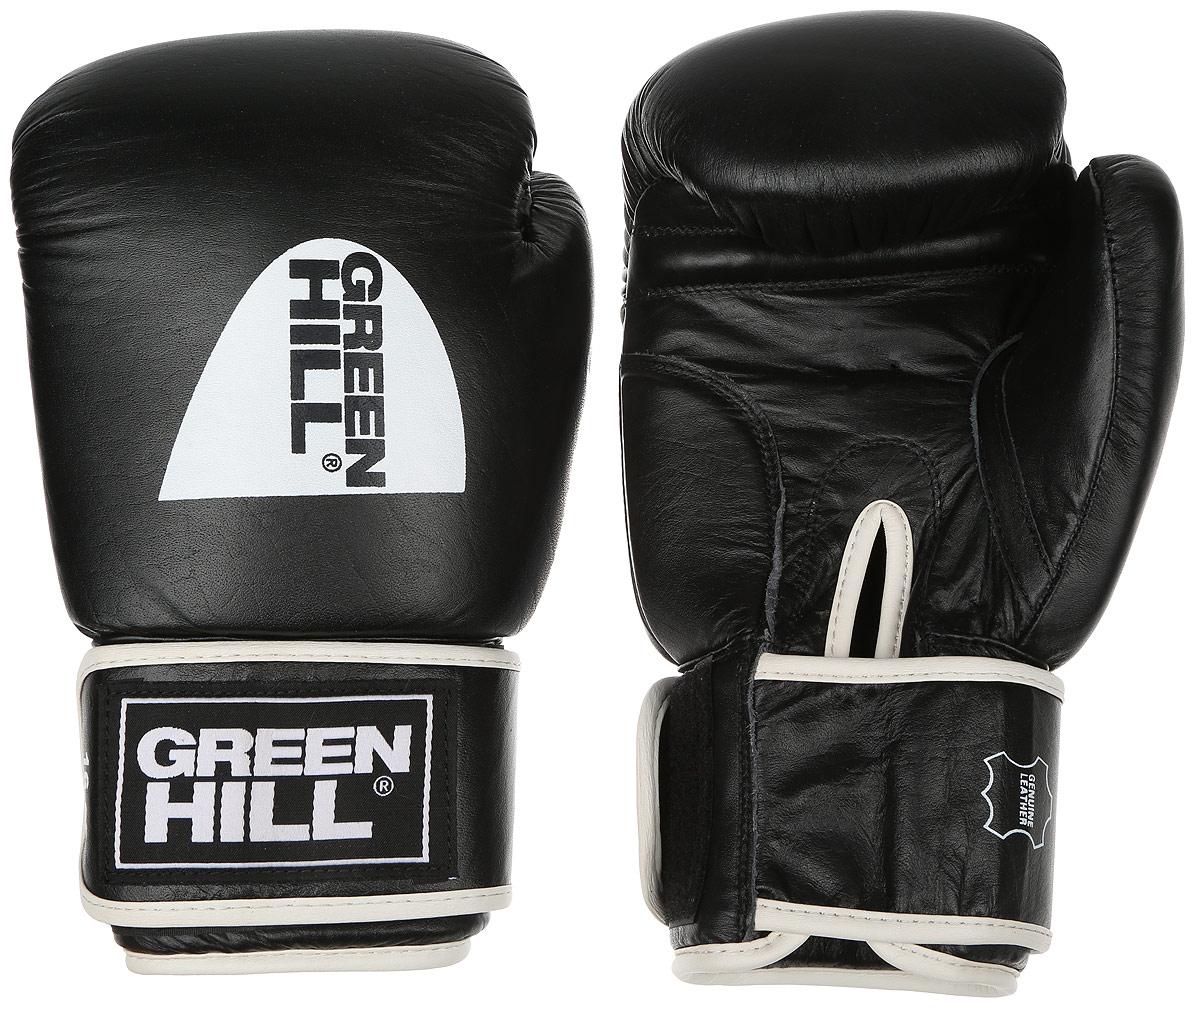 Перчатки боксерские Green Hill Gym, цвет: черный, белый. Вес 16 унцийBGG-2018Боксерские перчатки Green Hill Gym подходят для всех видов единоборств где применяют перчатки. Подойдет как для бокса, так и для кикбоксинга. Новички и профессионалы высоко ценят эту модель за универсальность. Верхняя часть перчатки выполнена из натуральной кожи, наполнитель - пенополиуретан. Перфорированная поверхность в области ладони позволяет создать максимально комфортный терморежим во время занятий. Закрепляется на руке при помощи липучки.